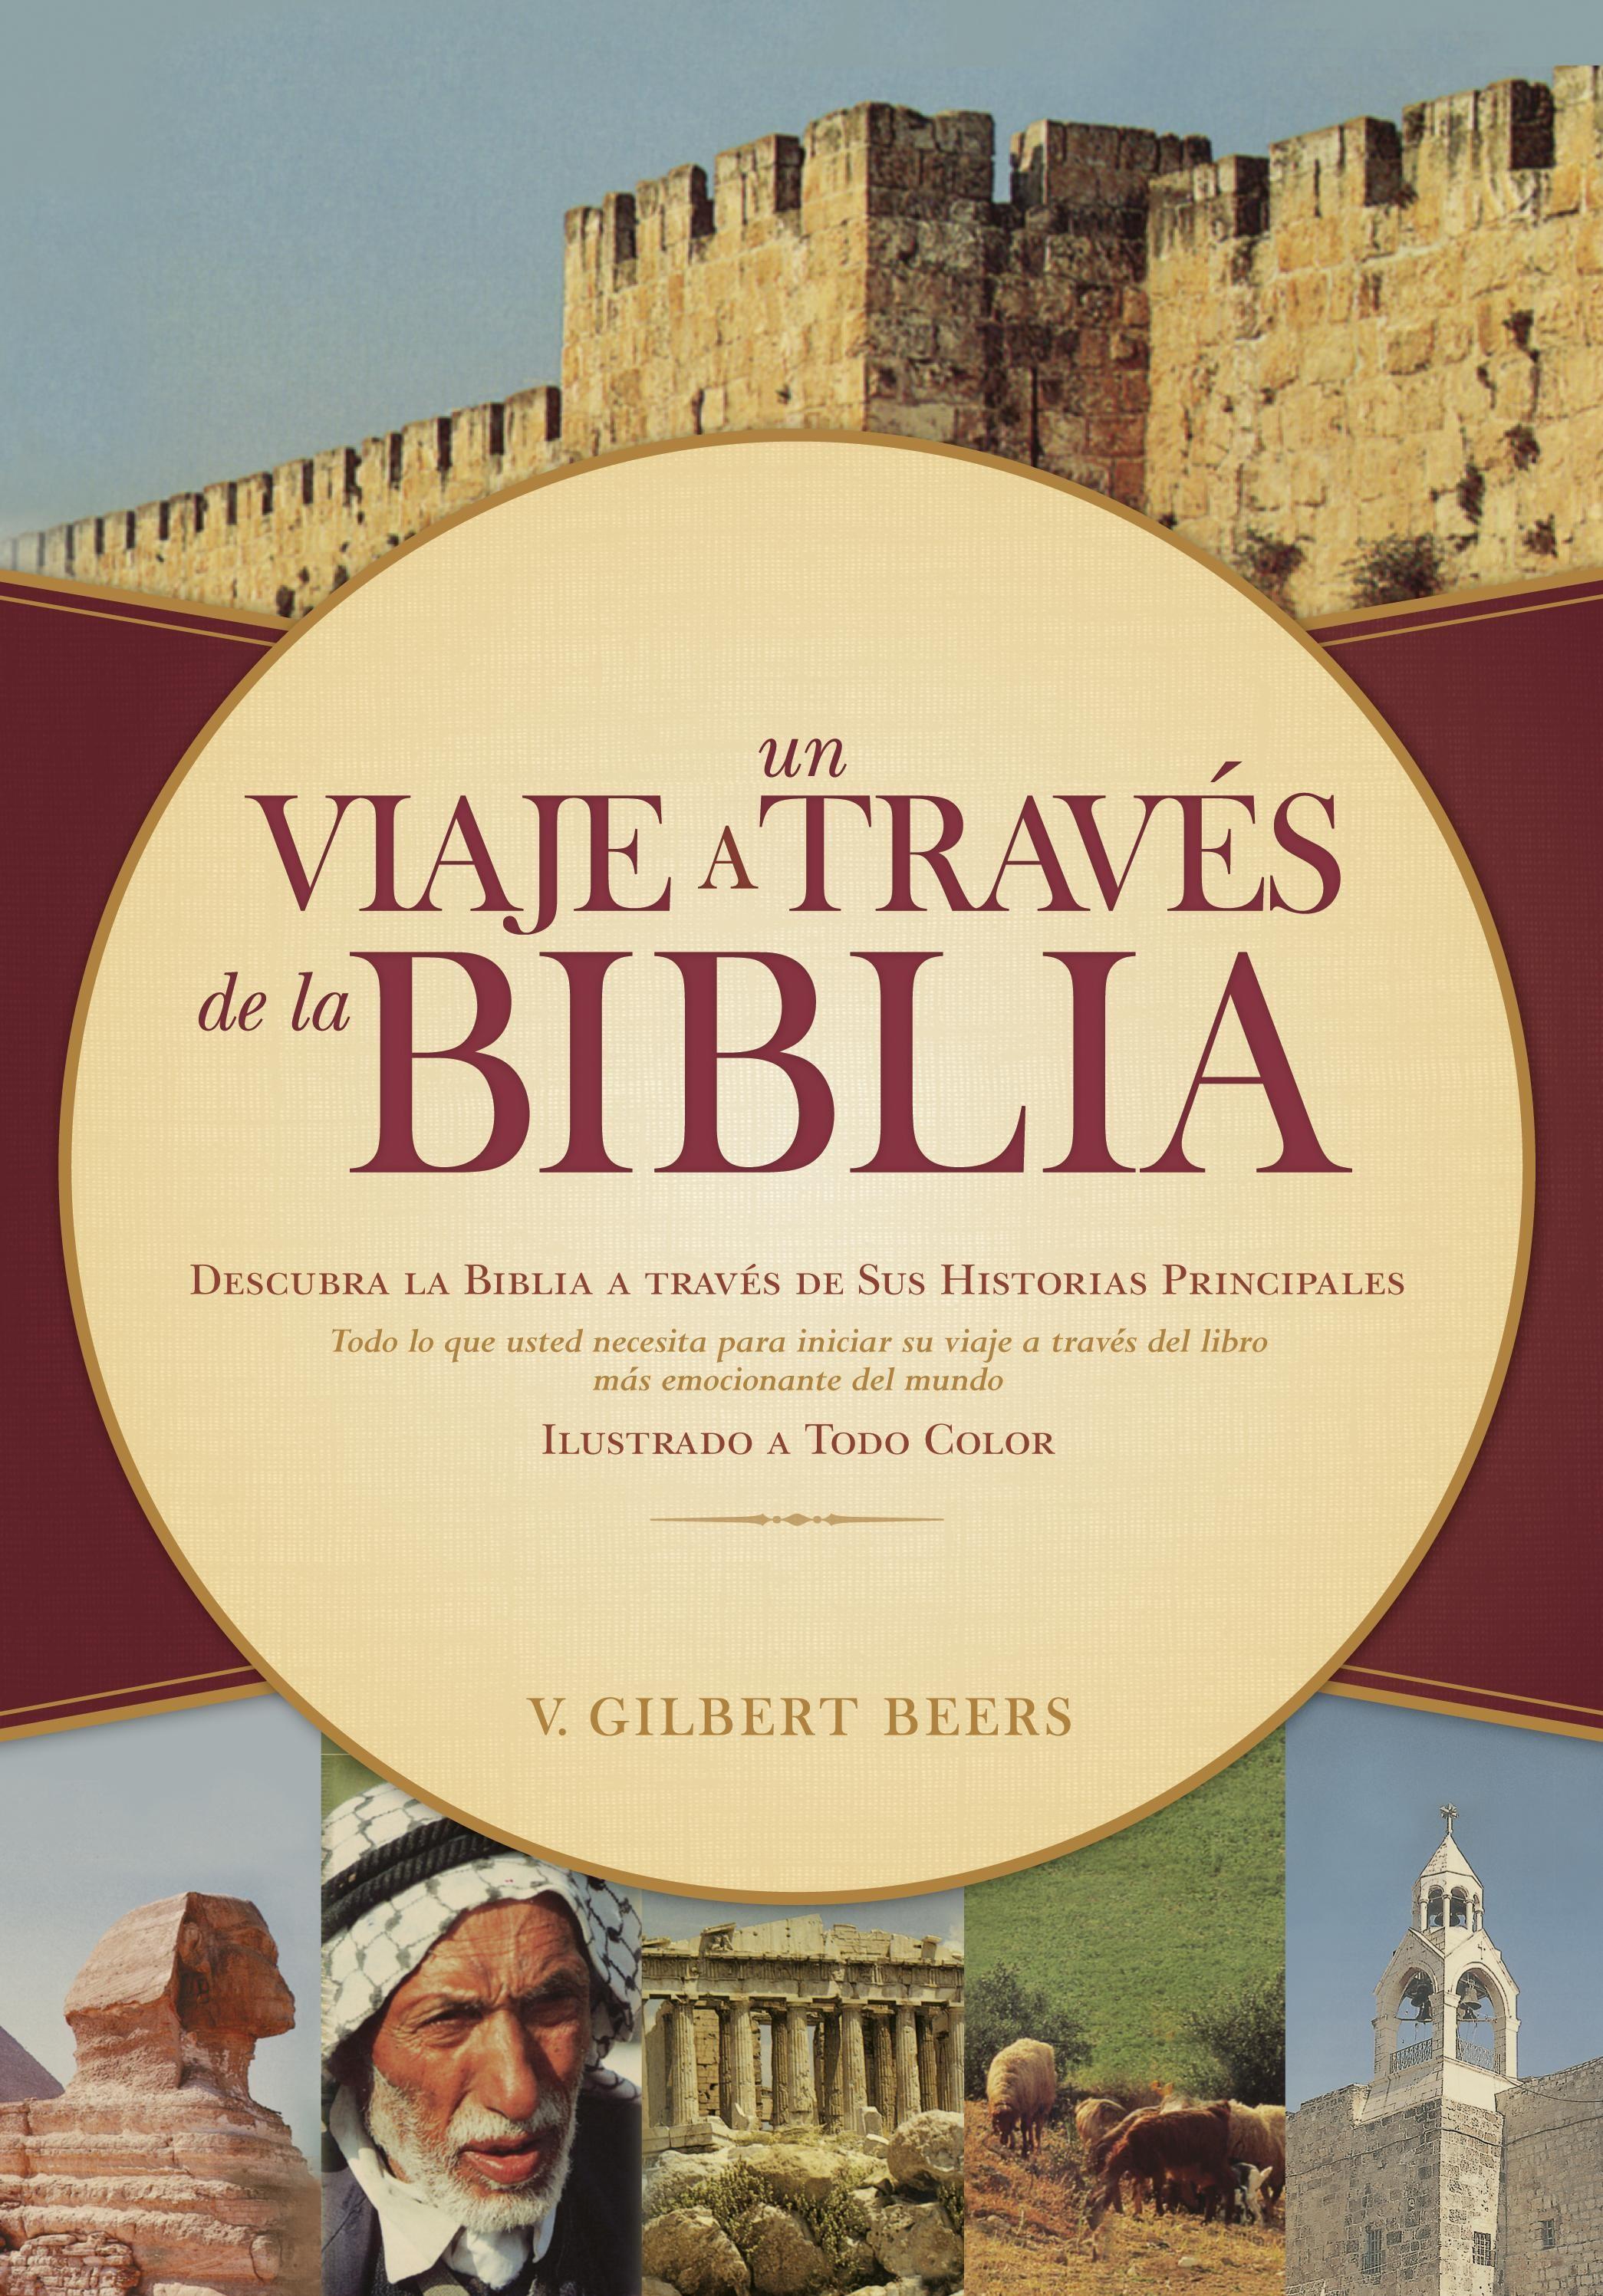 Un viaje a través de la Biblia: Journey through the Bible